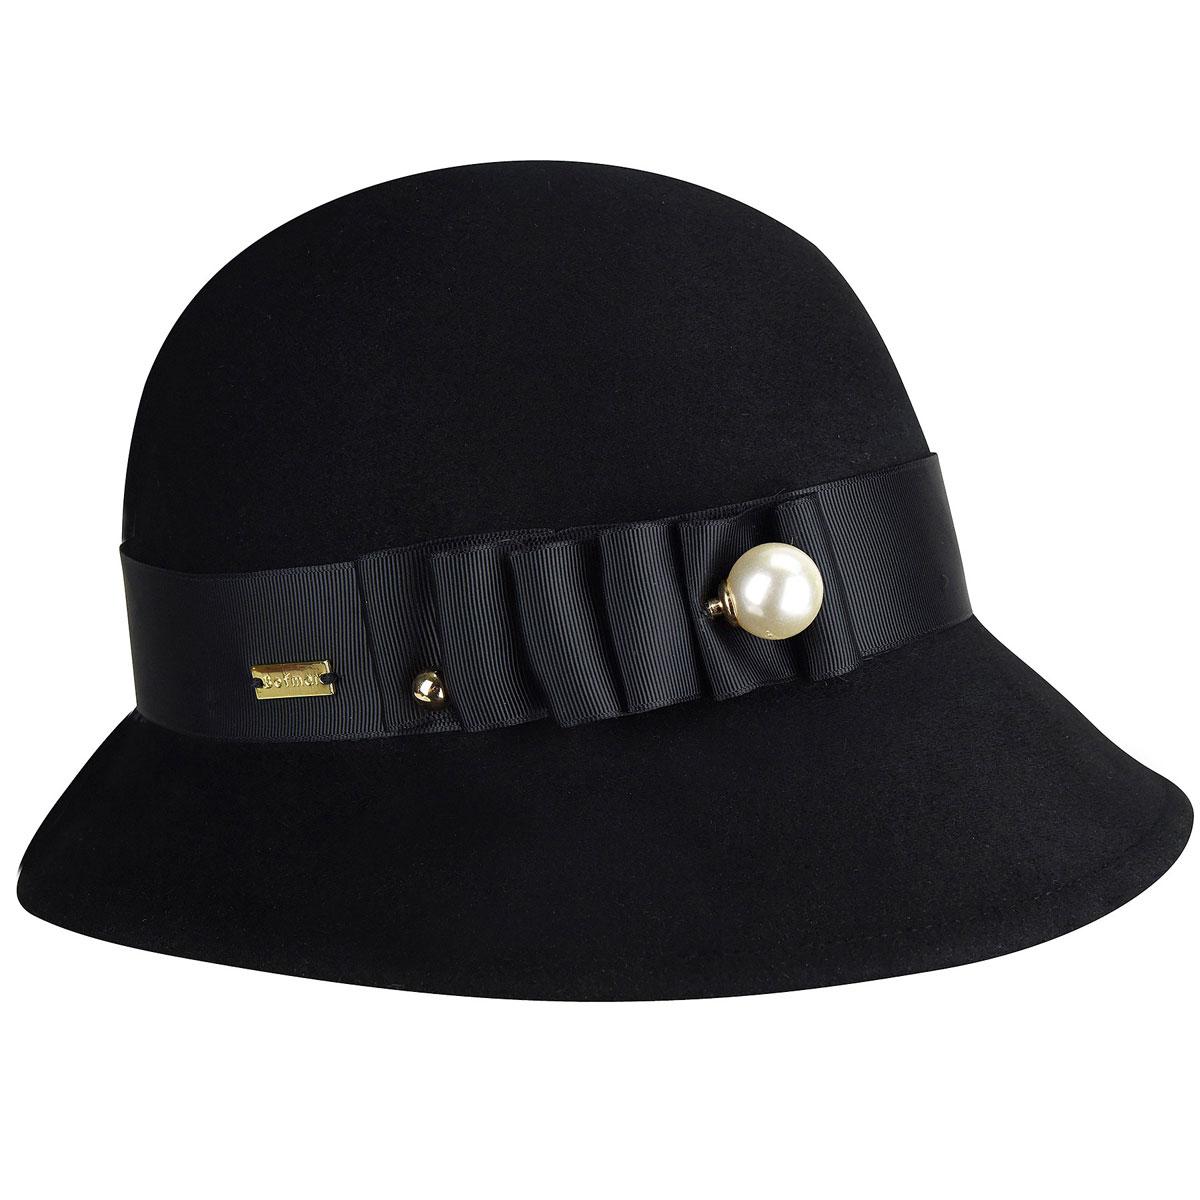 Betmar Cassat LiteFelt Cloche in Black